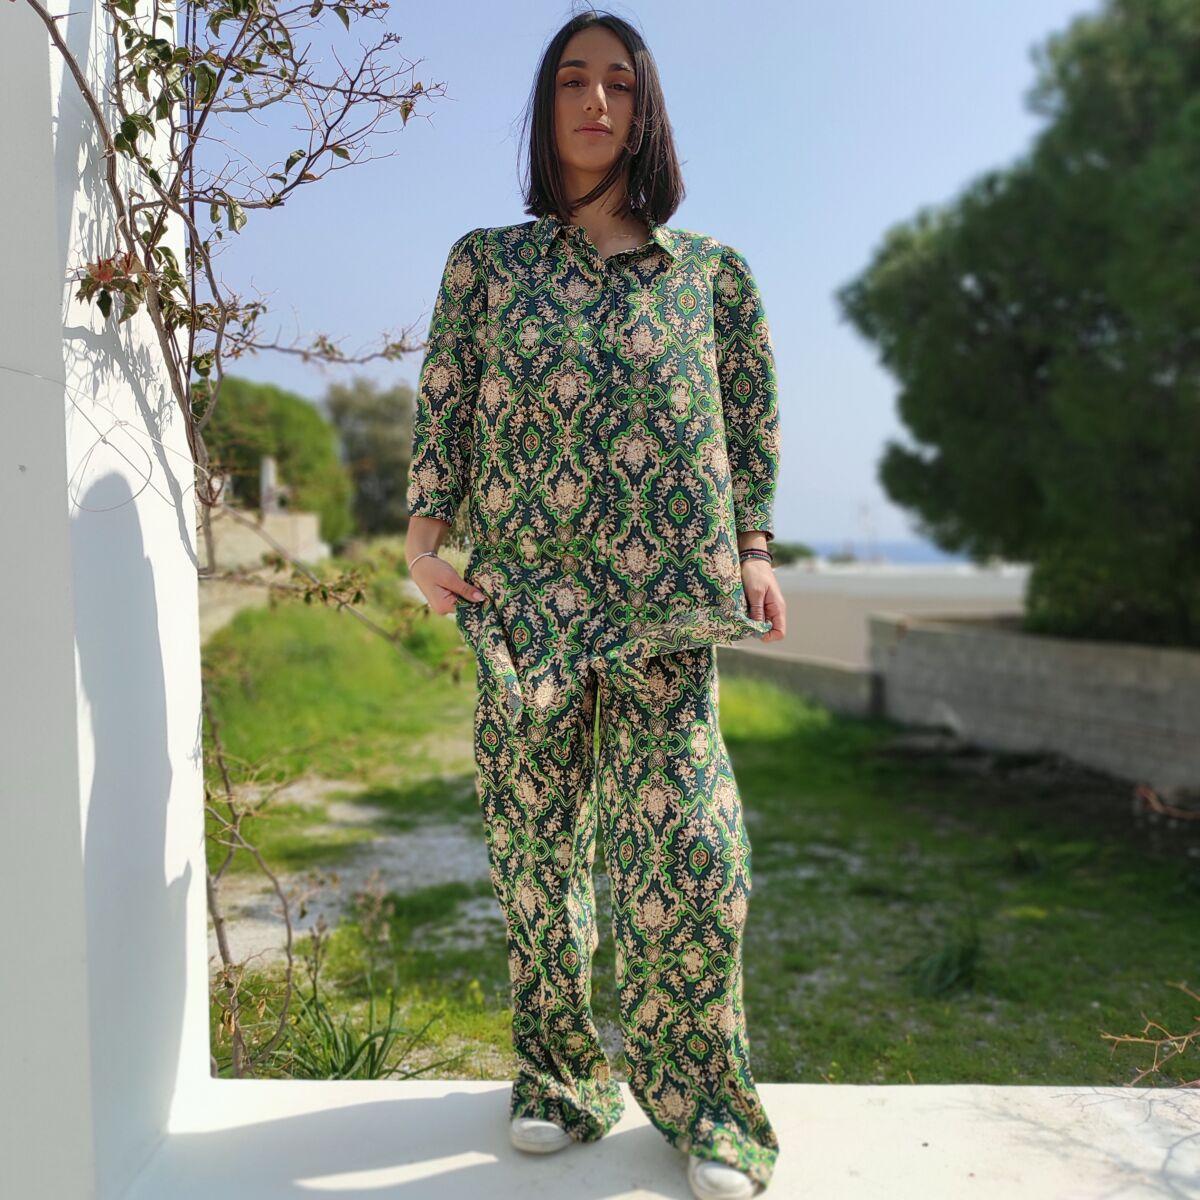 Σετ παντελόνα με πουκάμισα Ρούχα Ρούχα αξεσουάρ 2